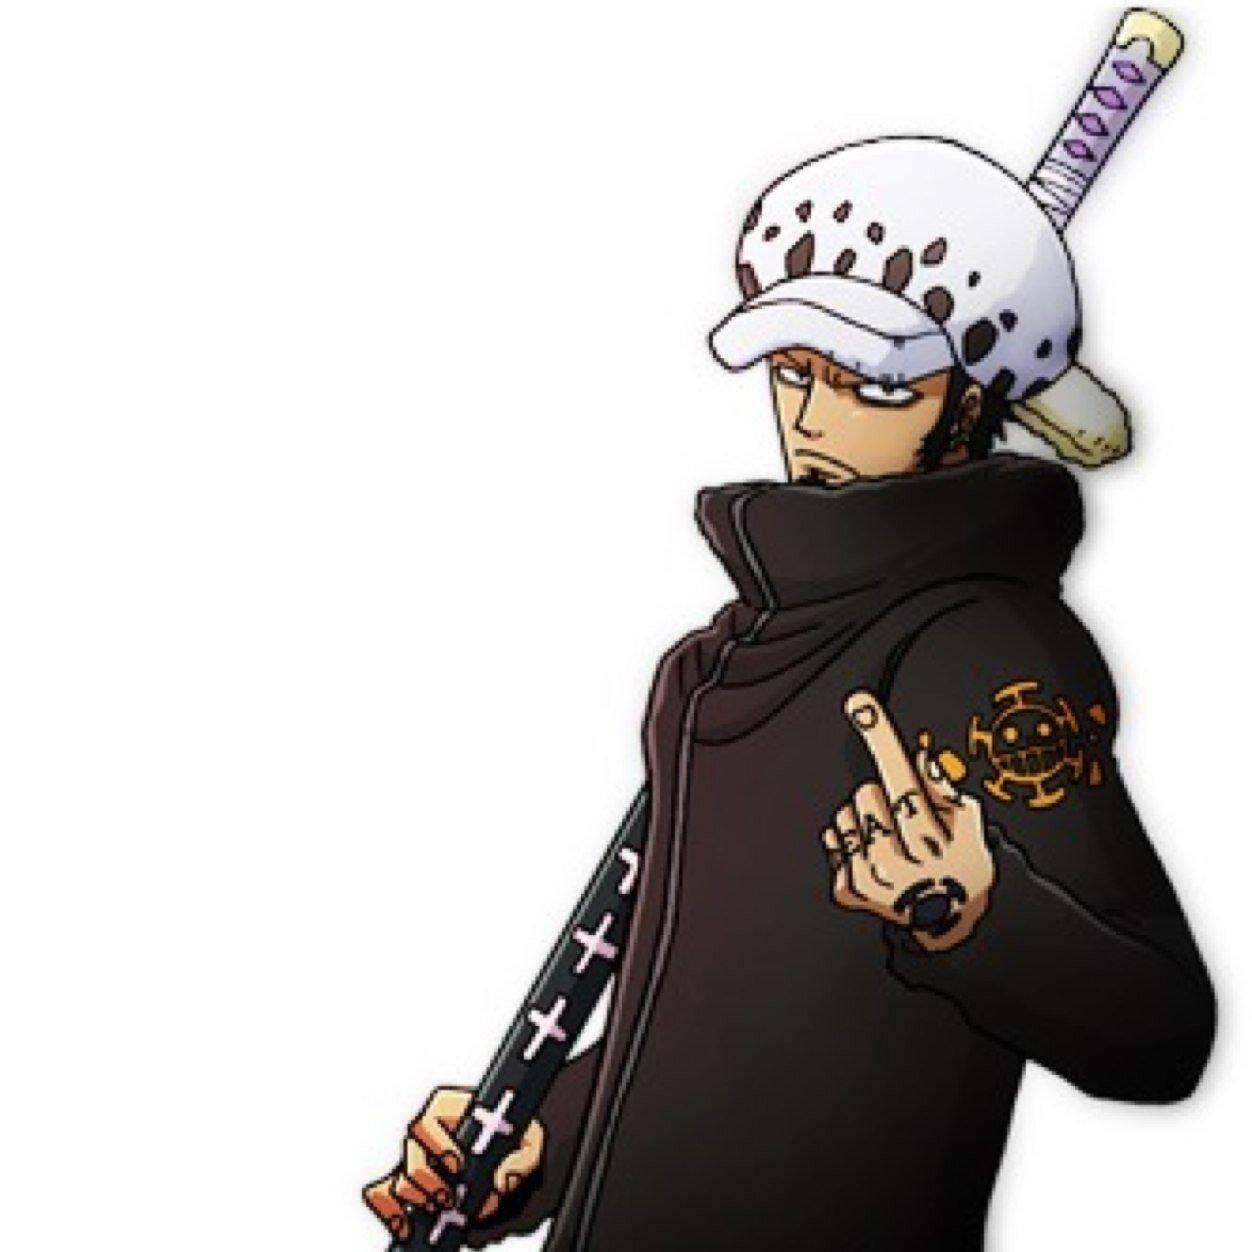 画像 One Piece トラファルガーローのイラスト画像大量まとめ